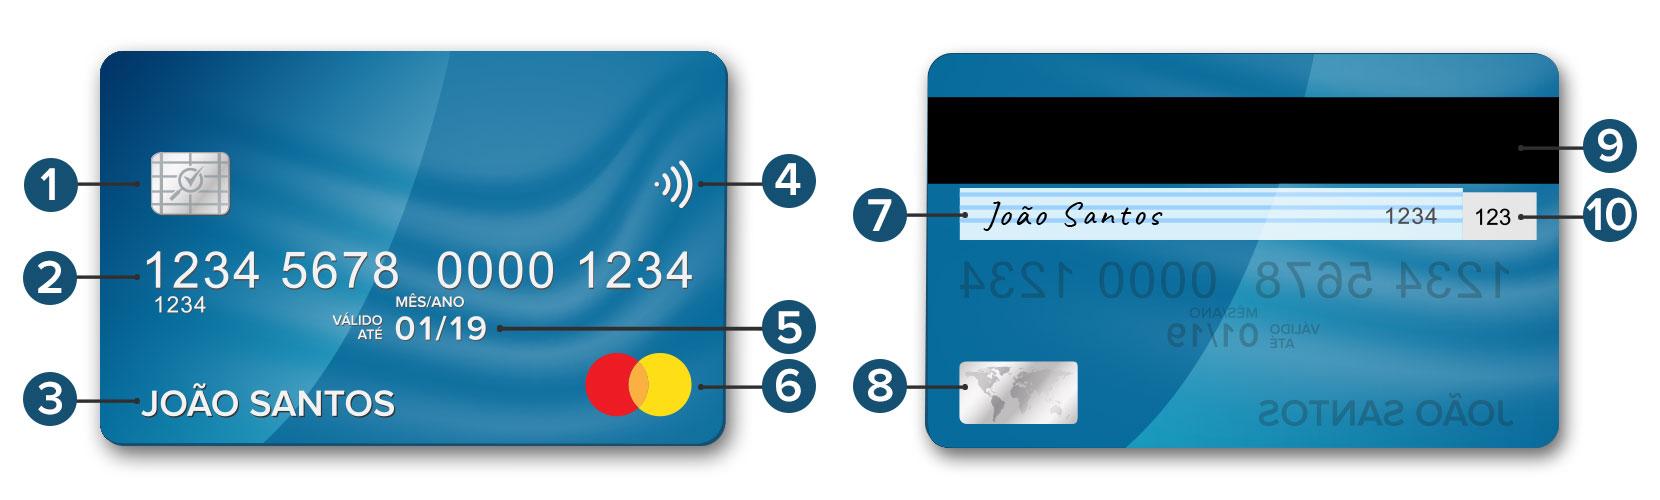 Número do cartão de crédito